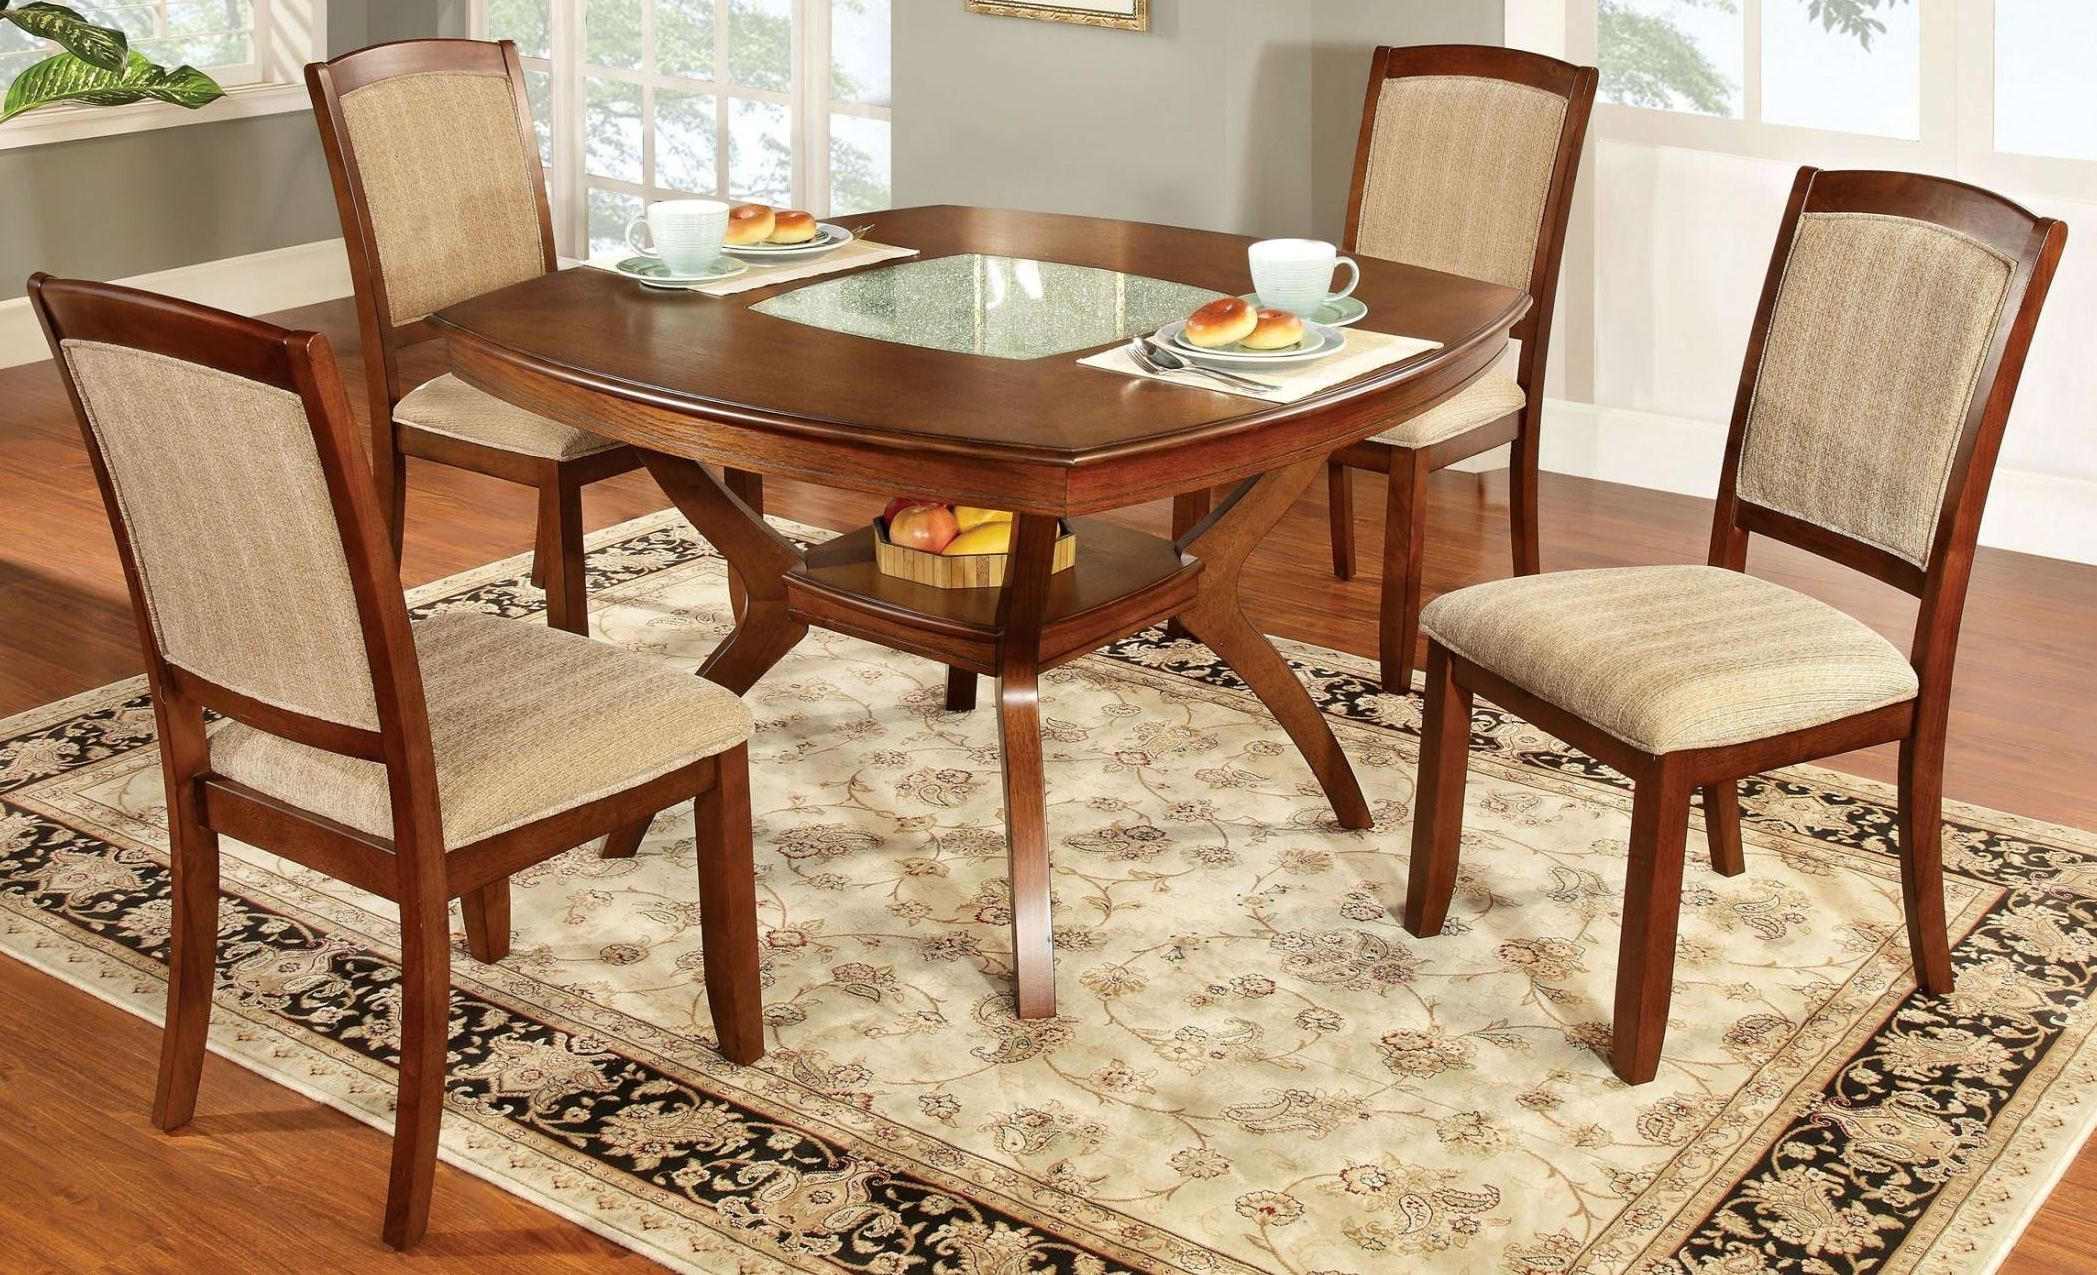 Redding I Oak Glass Insert Square Pedestal Dining Room Set  : cm3026t111 from colemanfurniture.com size 2097 x 1275 jpeg 786kB